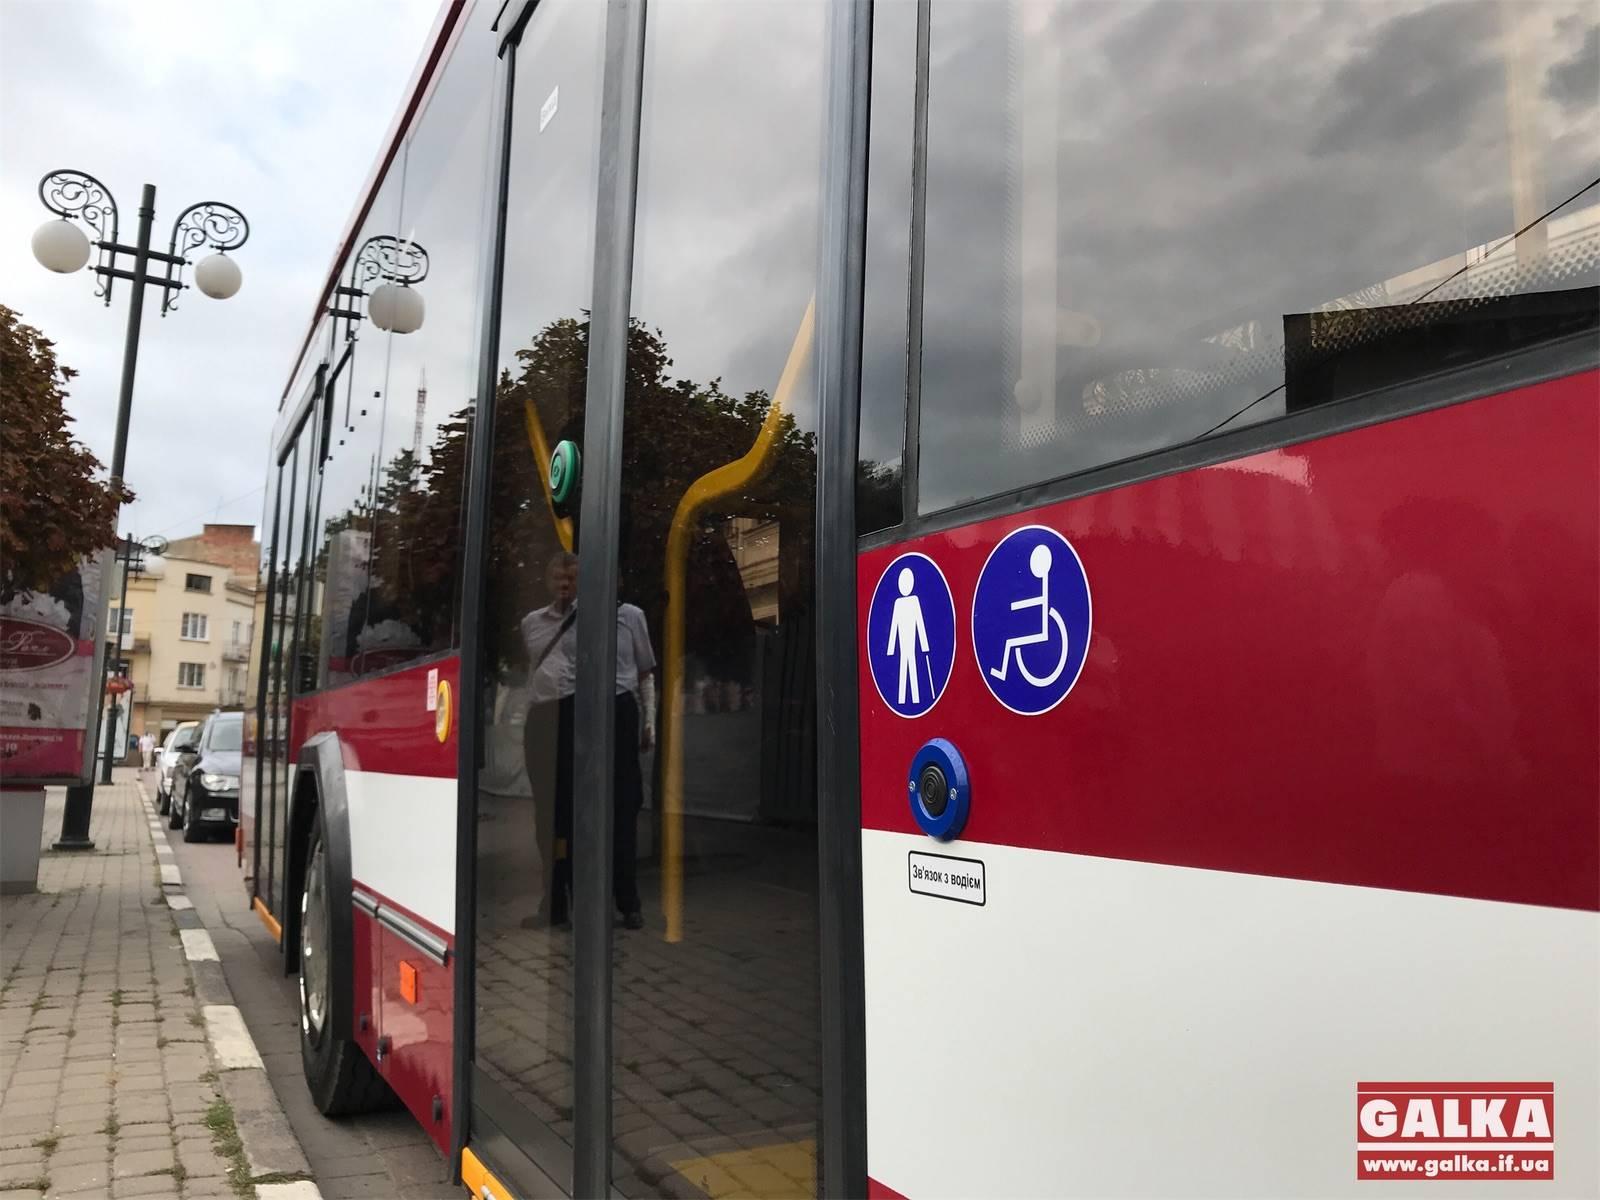 Прокладають кабель: у Франківську триває будівництво нової тролейбусної лінії